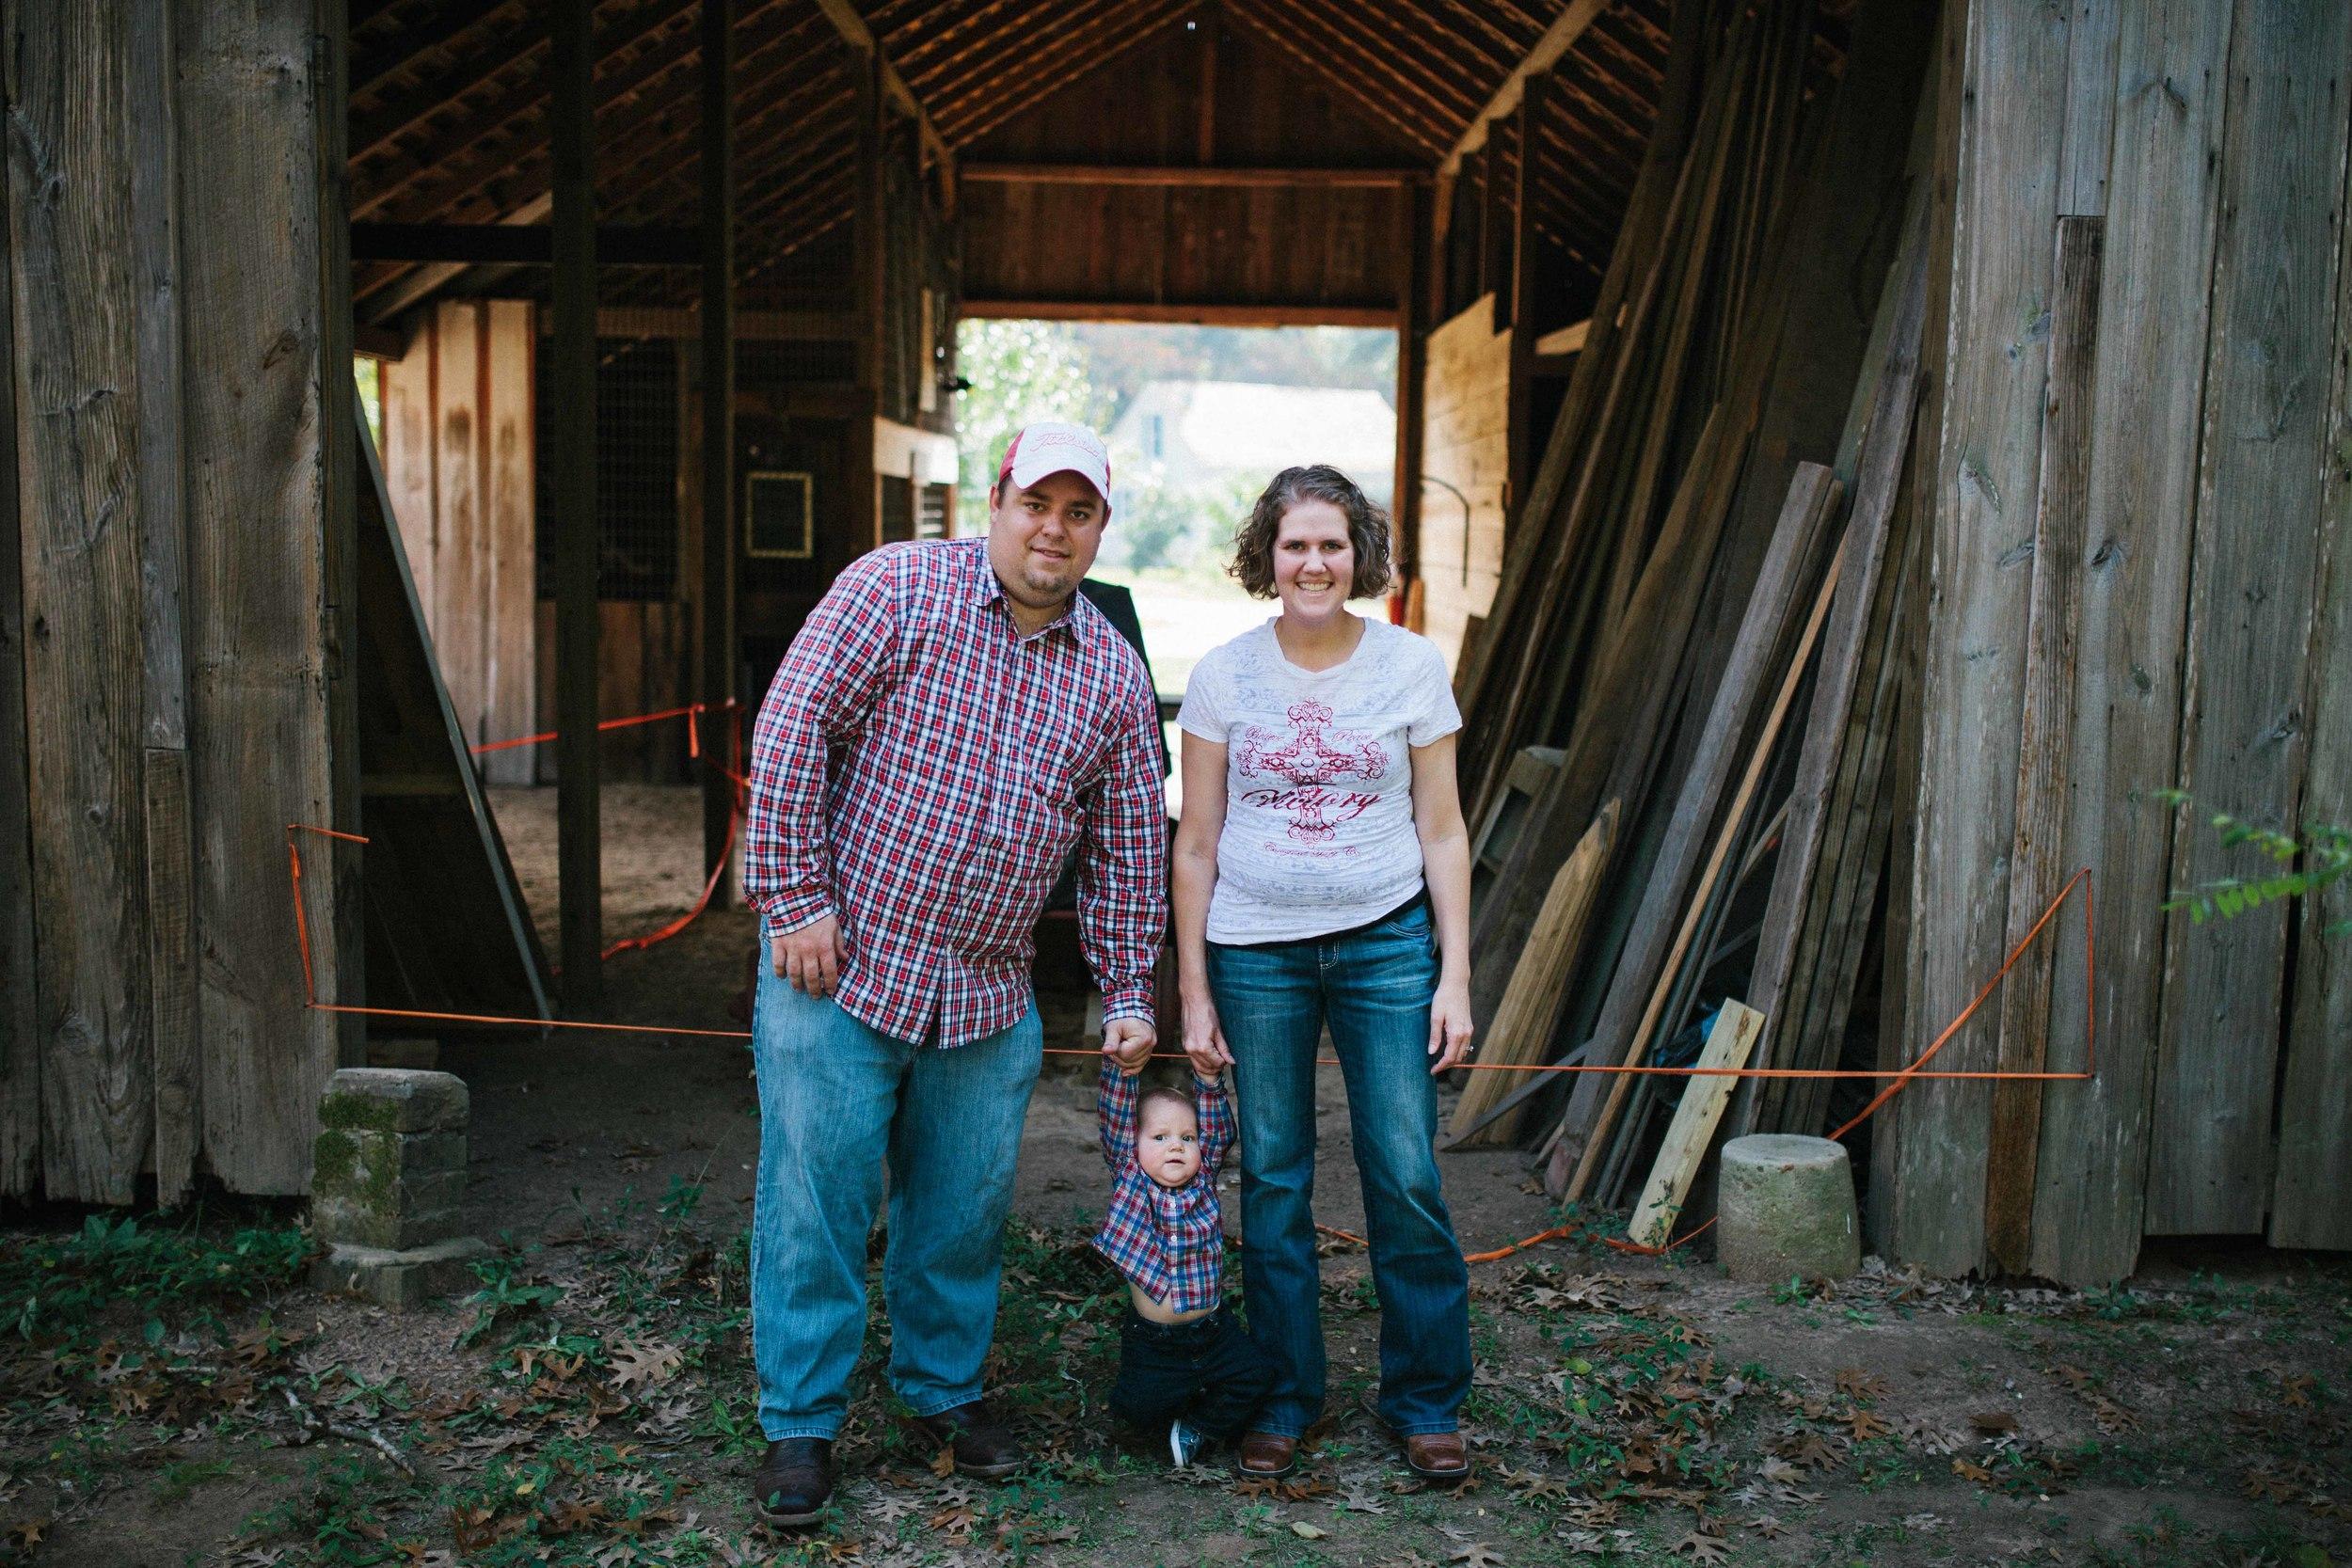 Graebner_HoustonTexas_family-37.JPG